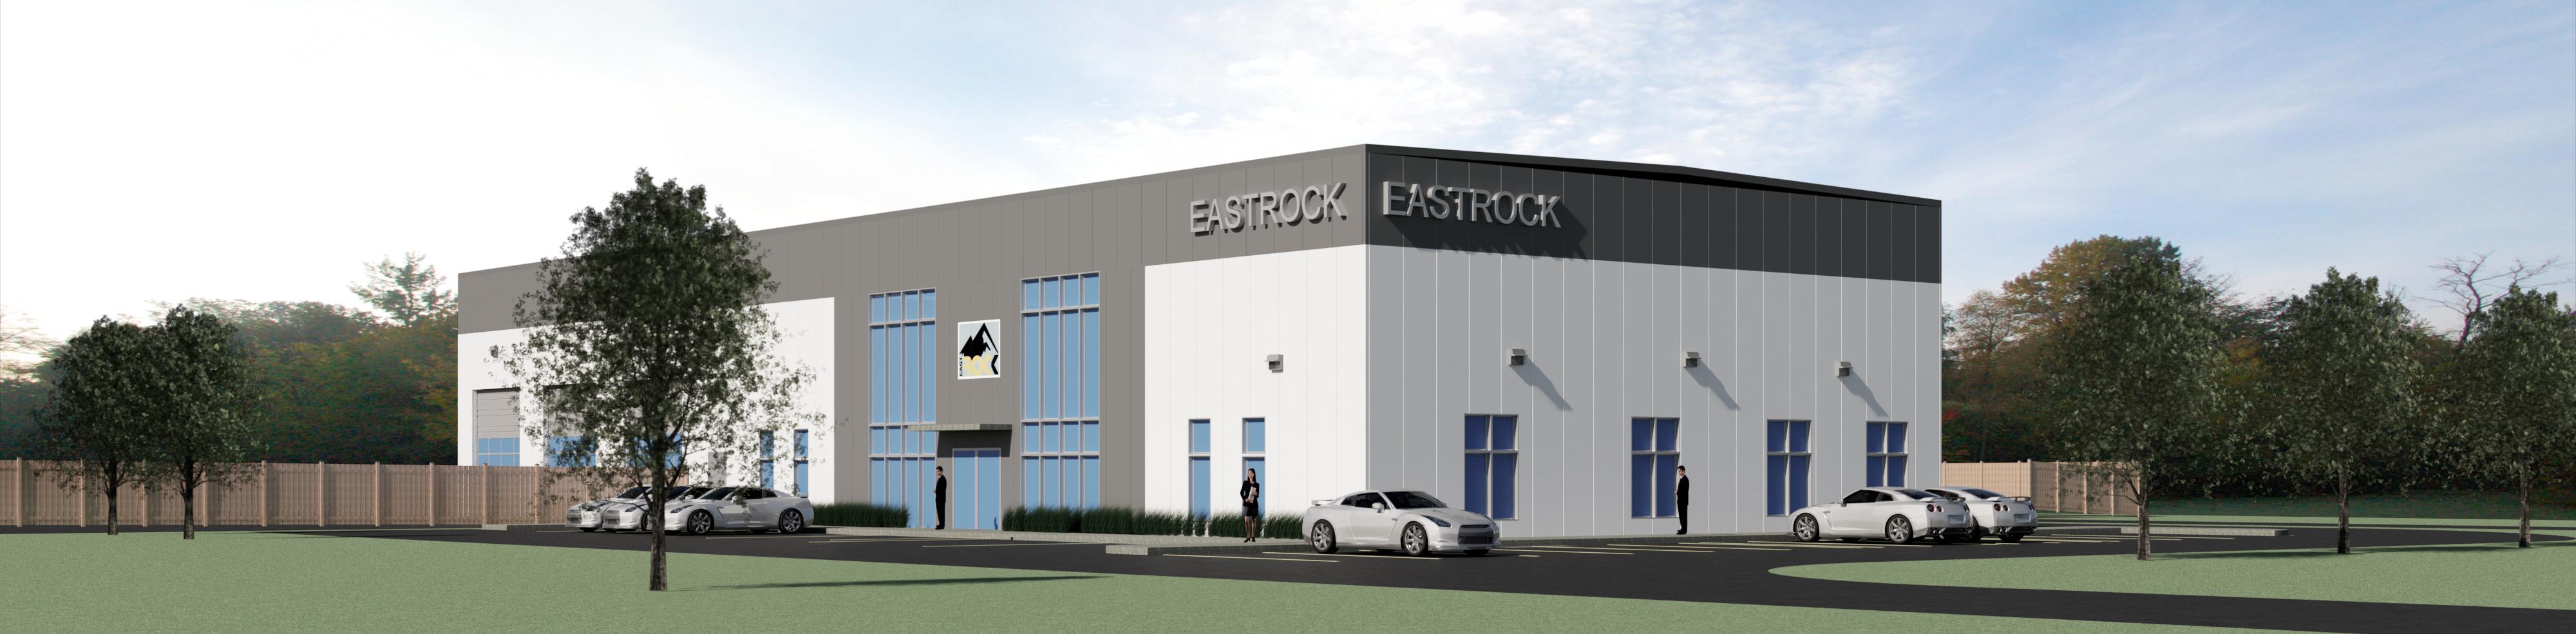 Steel is standing @ Eastrock!